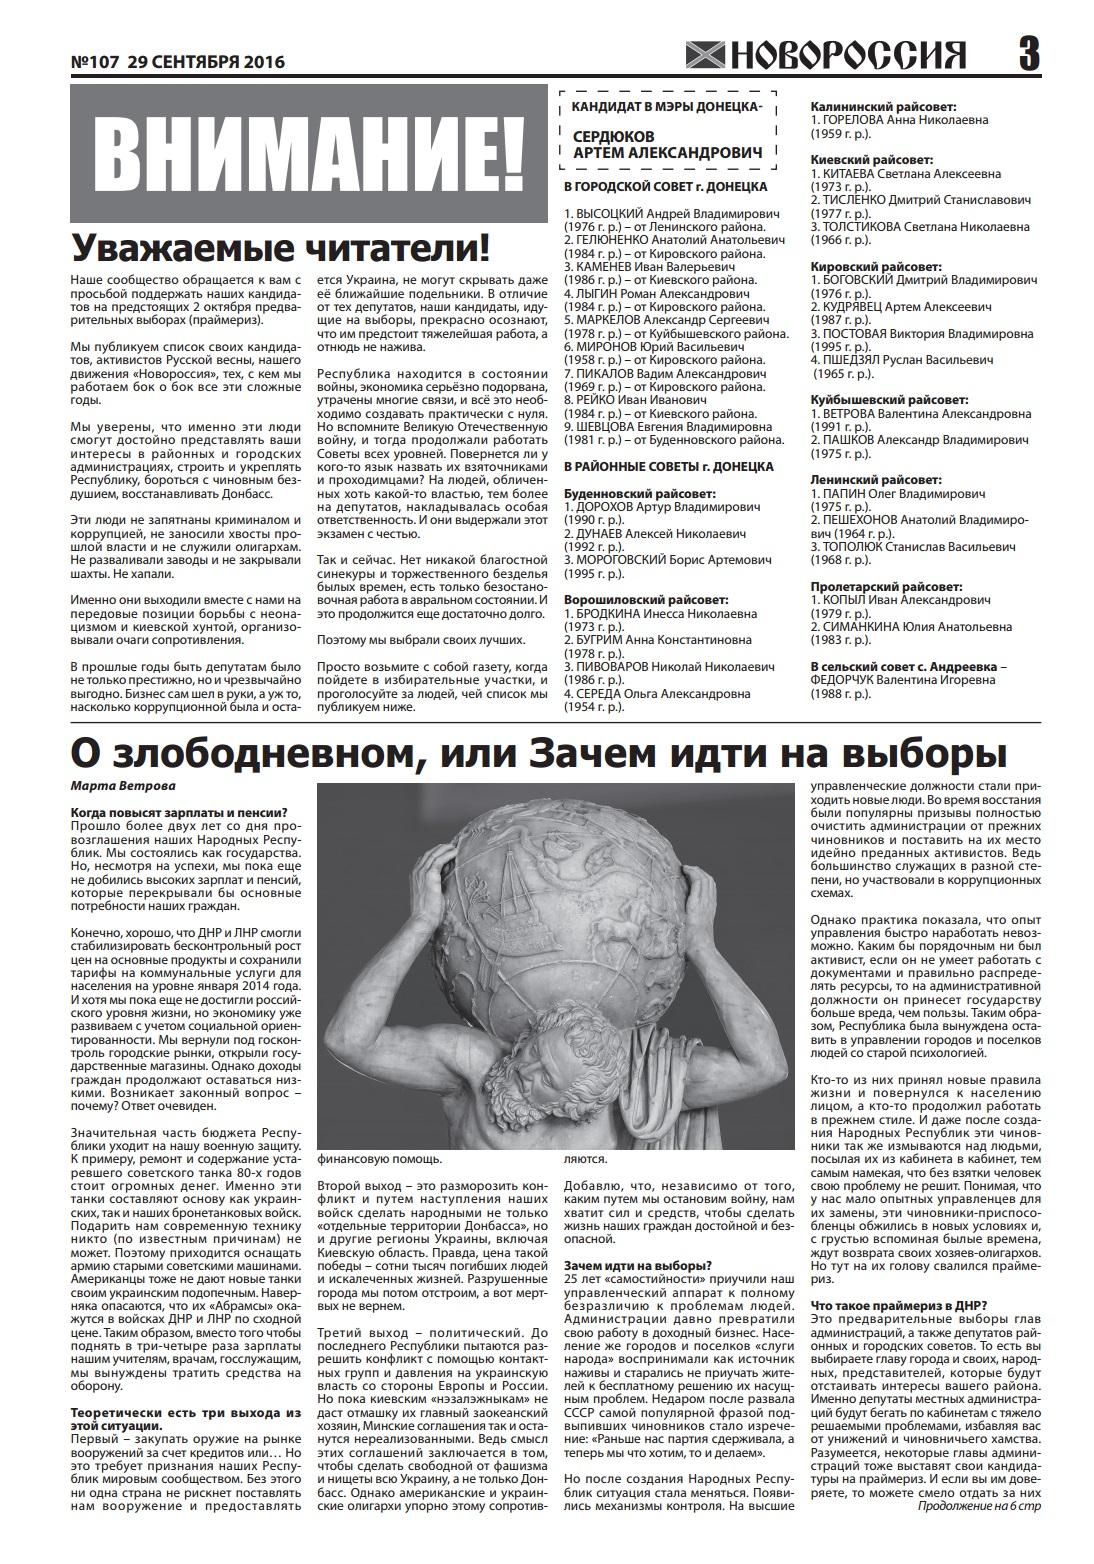 алло знакомство газета донецк